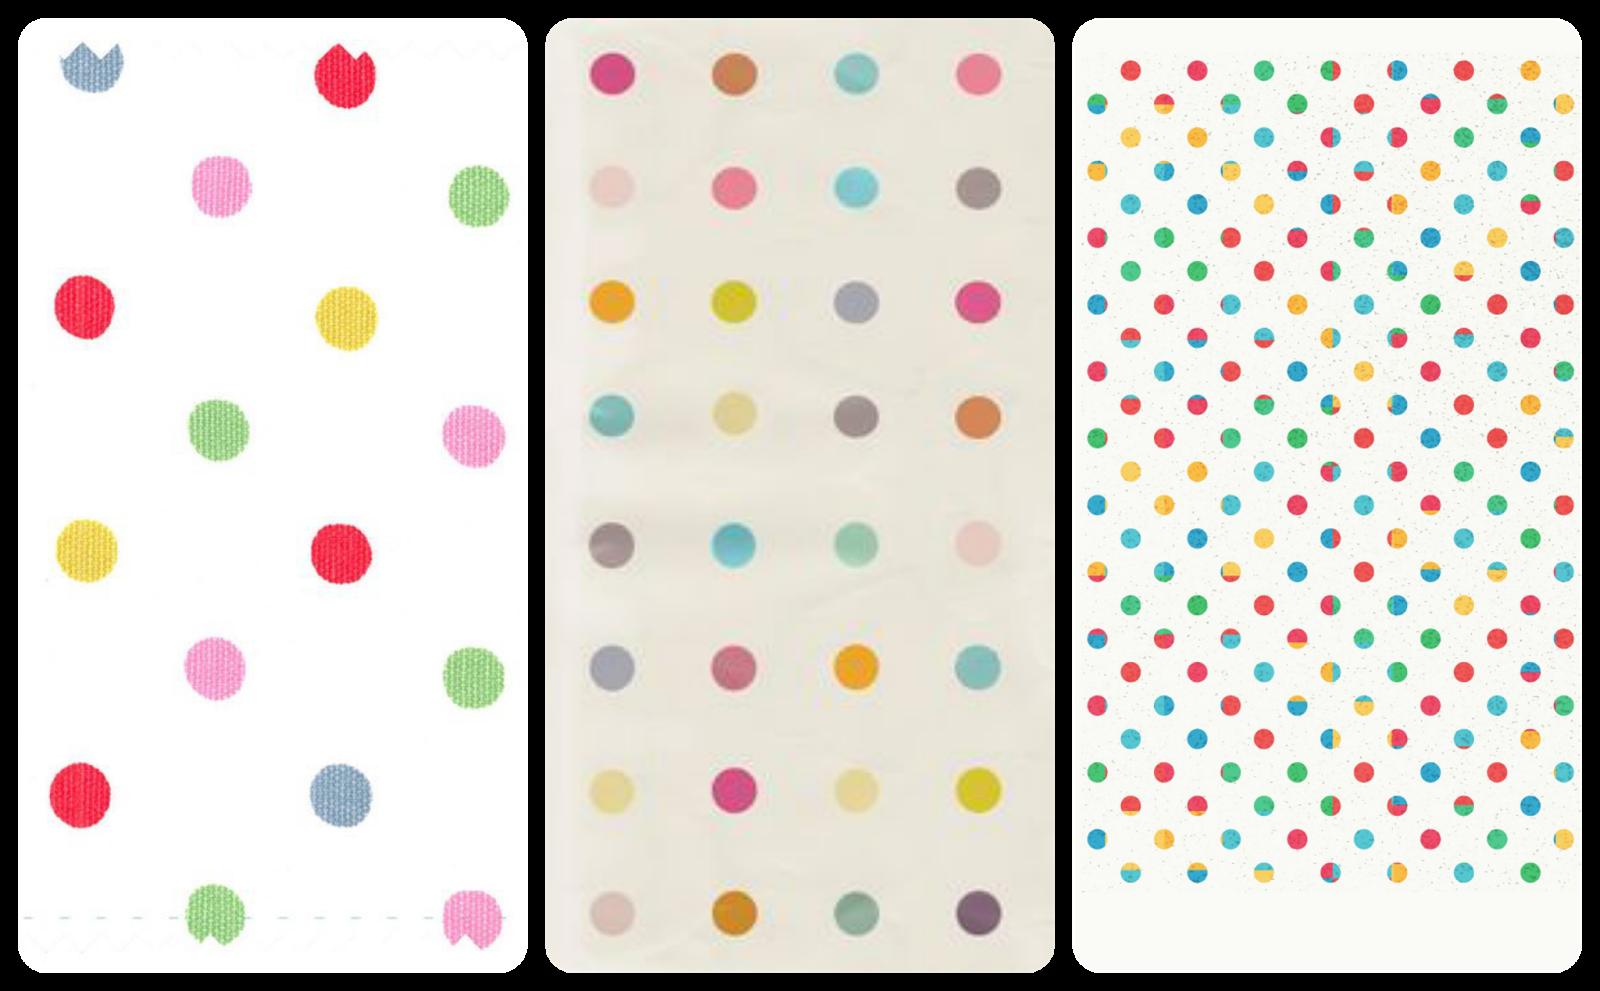 fondos chulos de pantalla para el móvil Iphone, android, samsung polka dots, lunares de colores